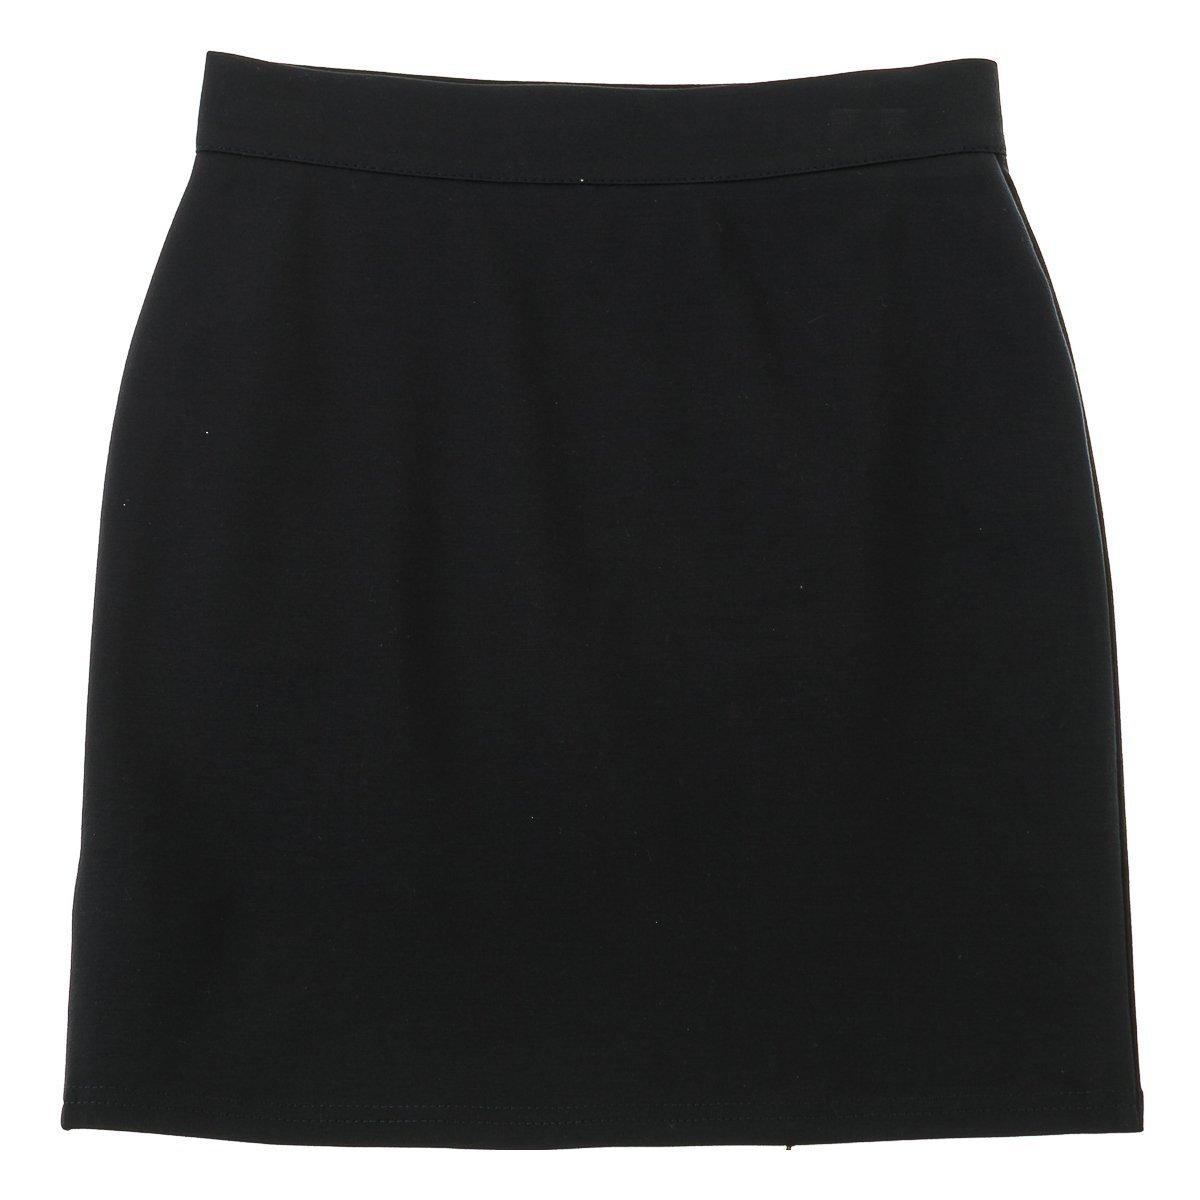 Купить Платья, сарафаны, юбки, Юбка Mevis Black Coal, р. 146 2366-01 ТМ: Mevis, черный